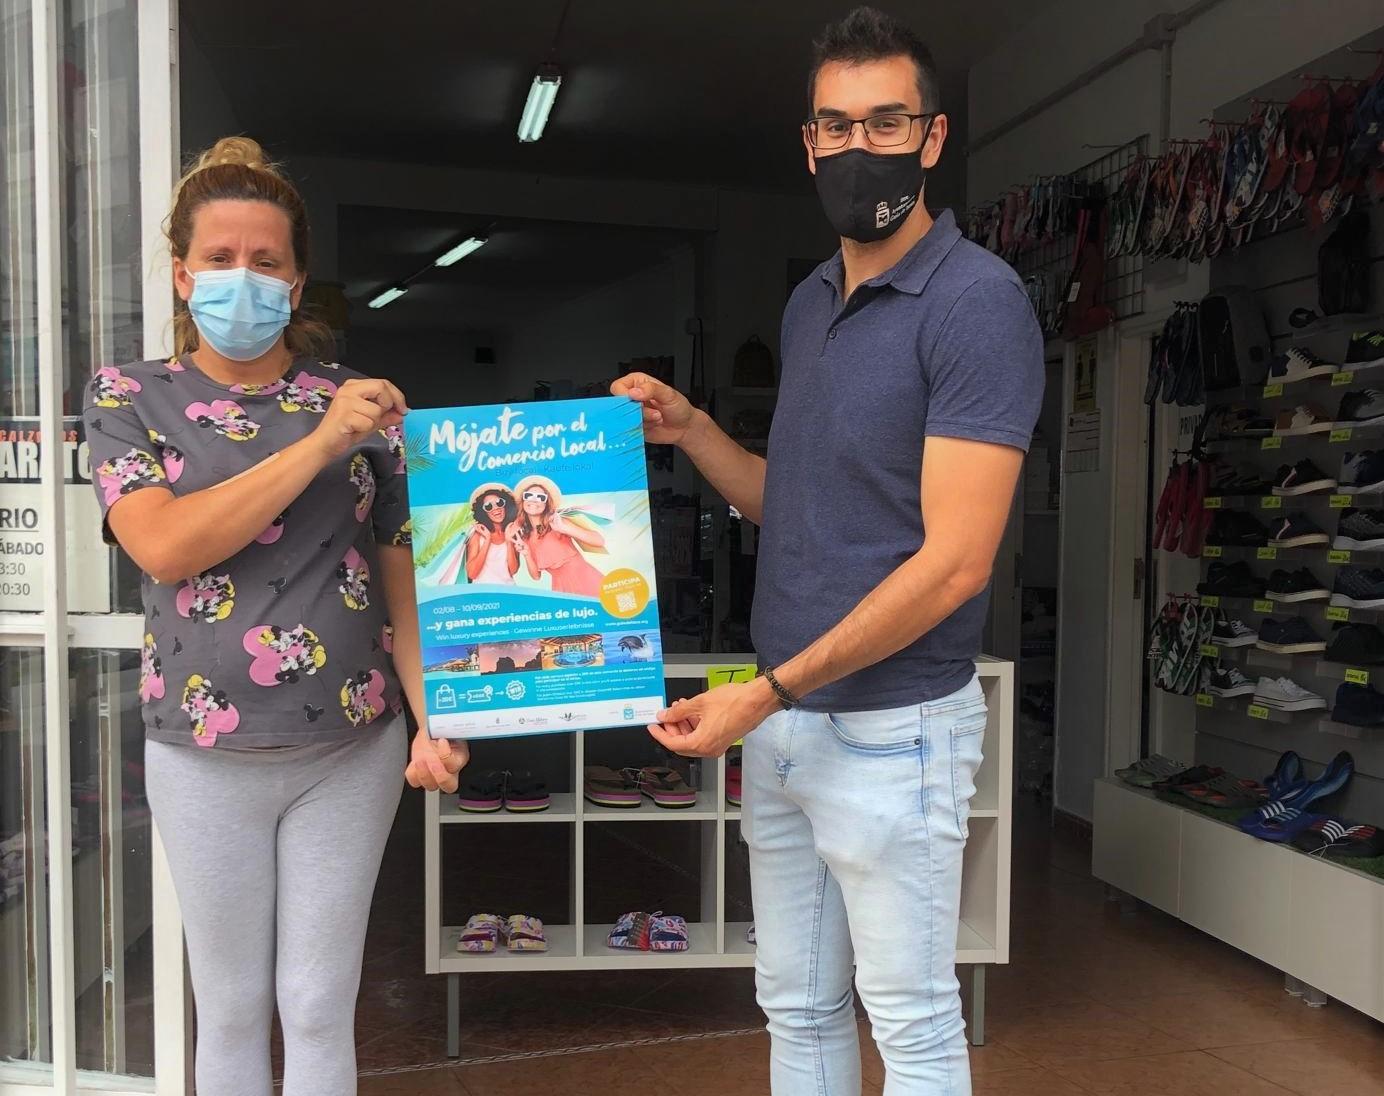 Campaña 'Mójate por el Comercio Local' en Guía de Isora (Tenerife) / CanariasNoticias.es